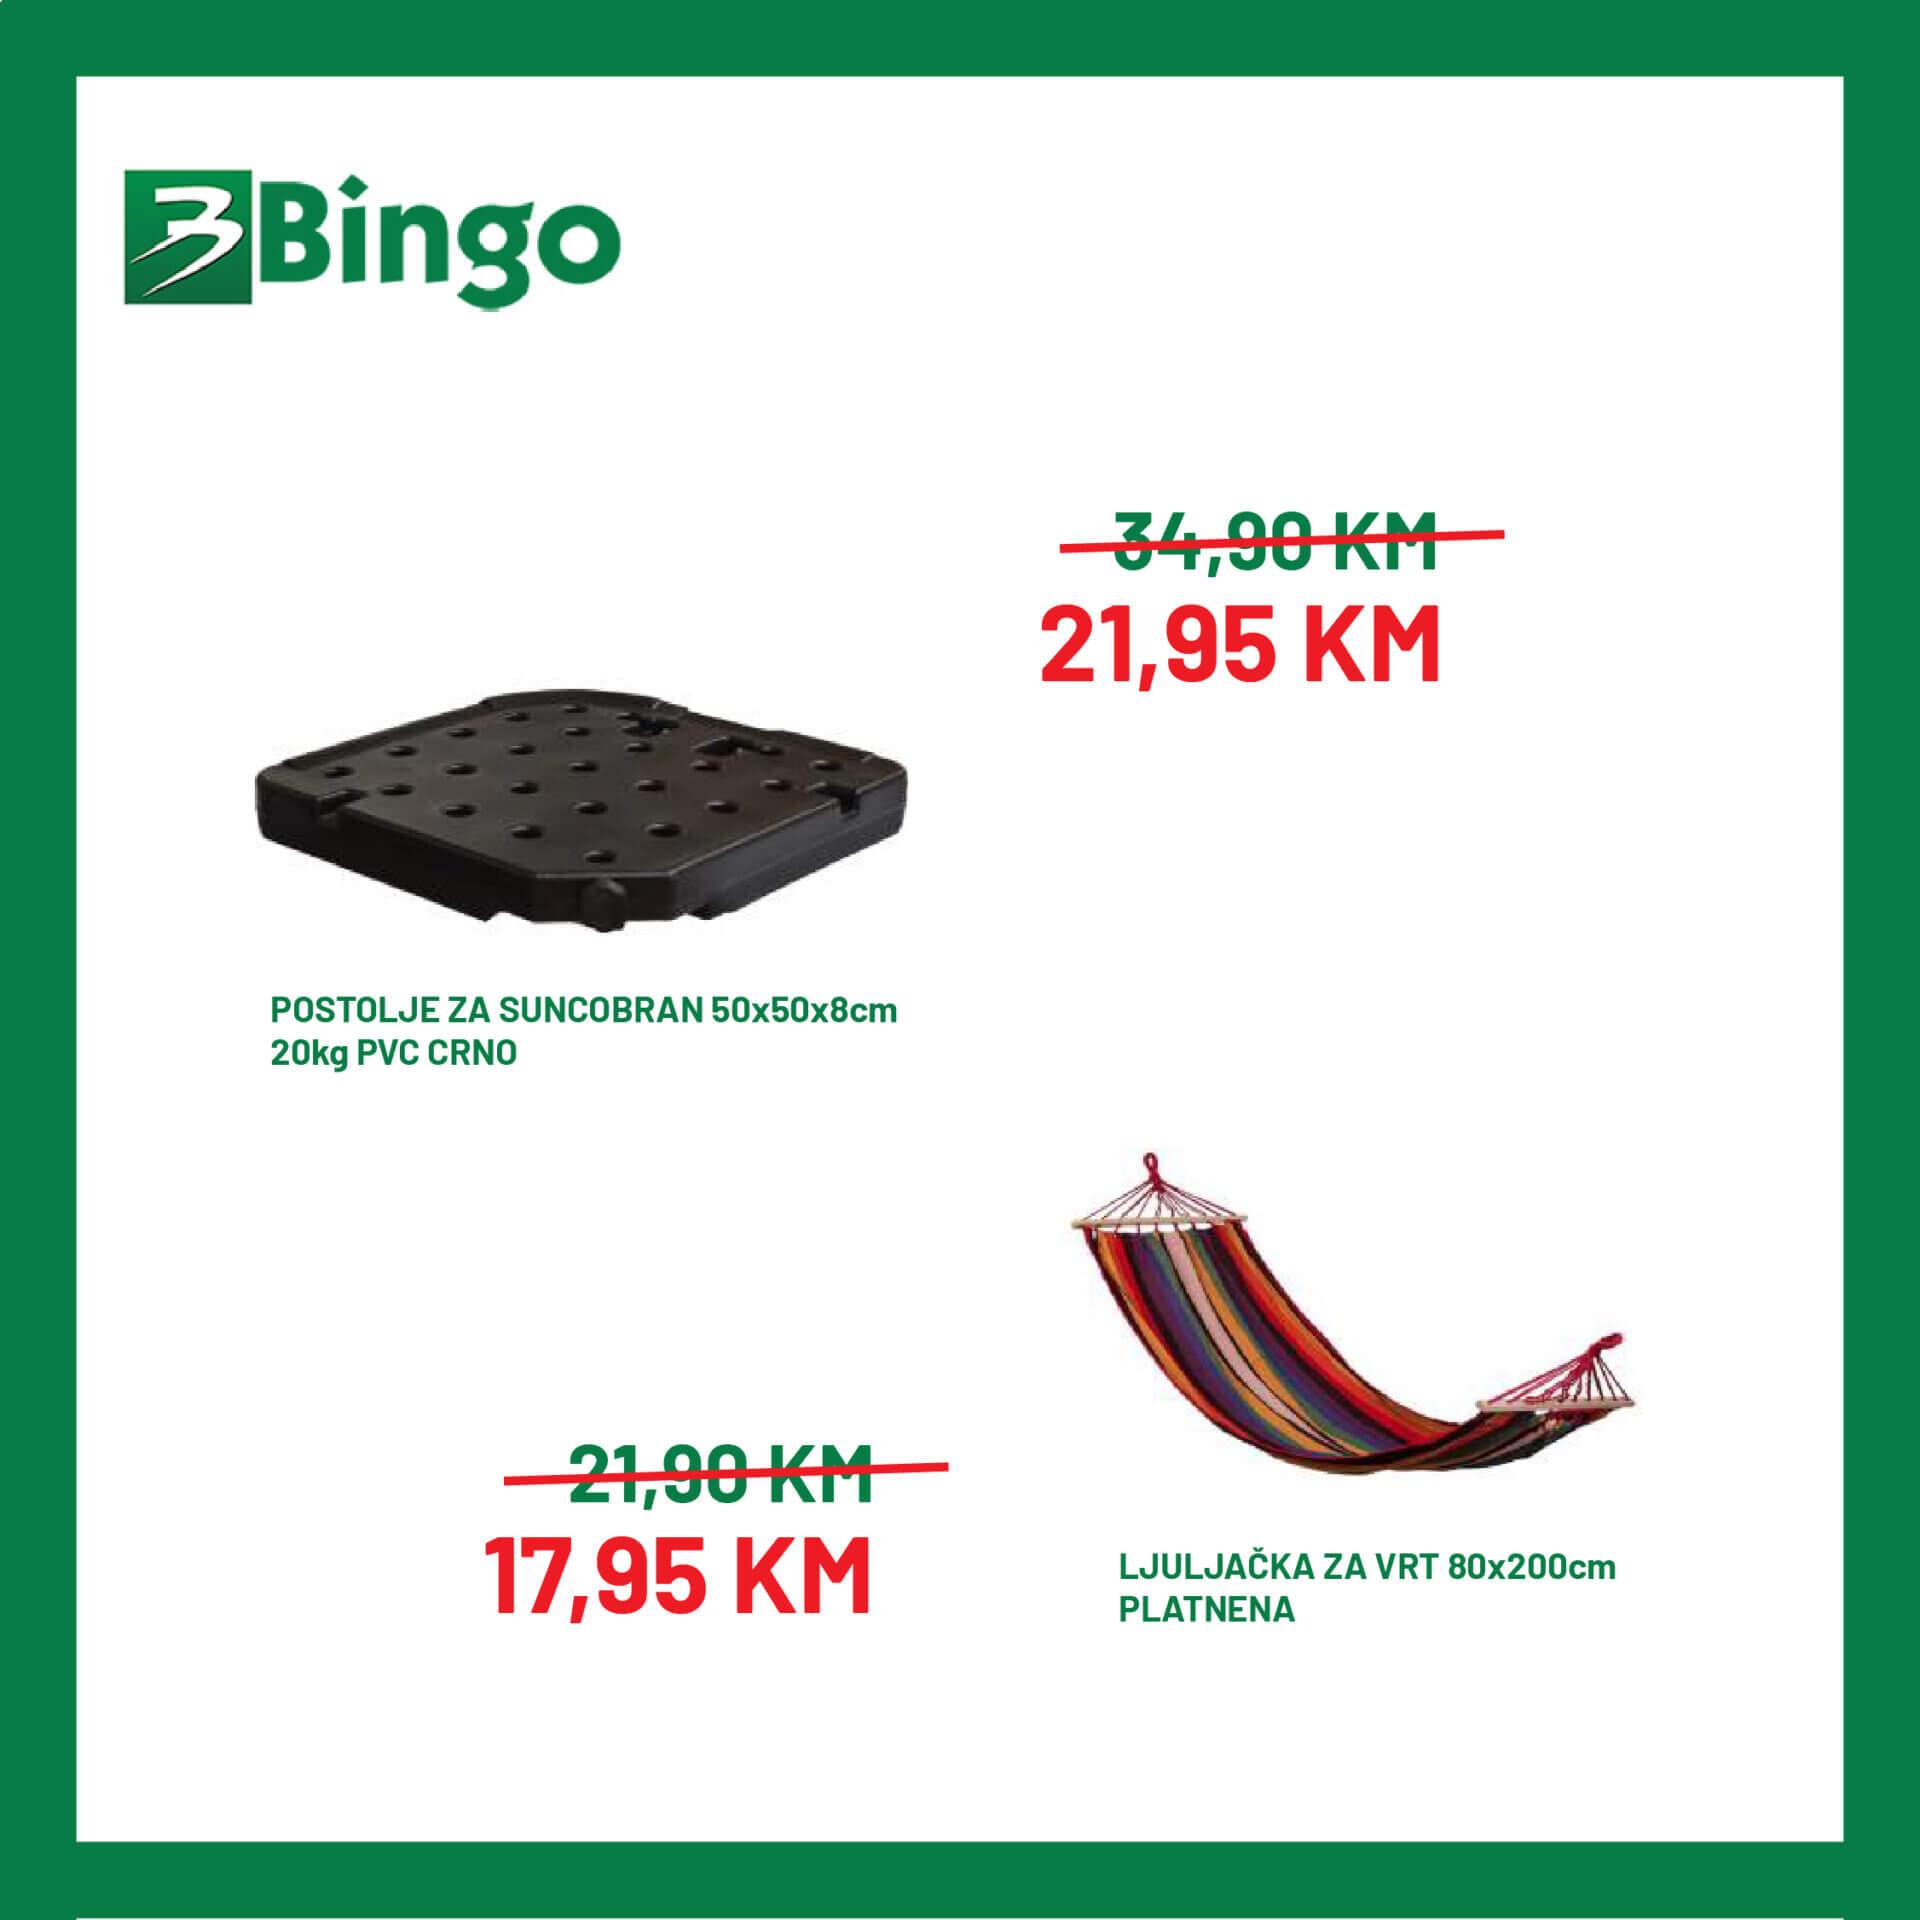 BINGO Katalog Akcija namjestaja JUL 2021 12.7. 19.7 2